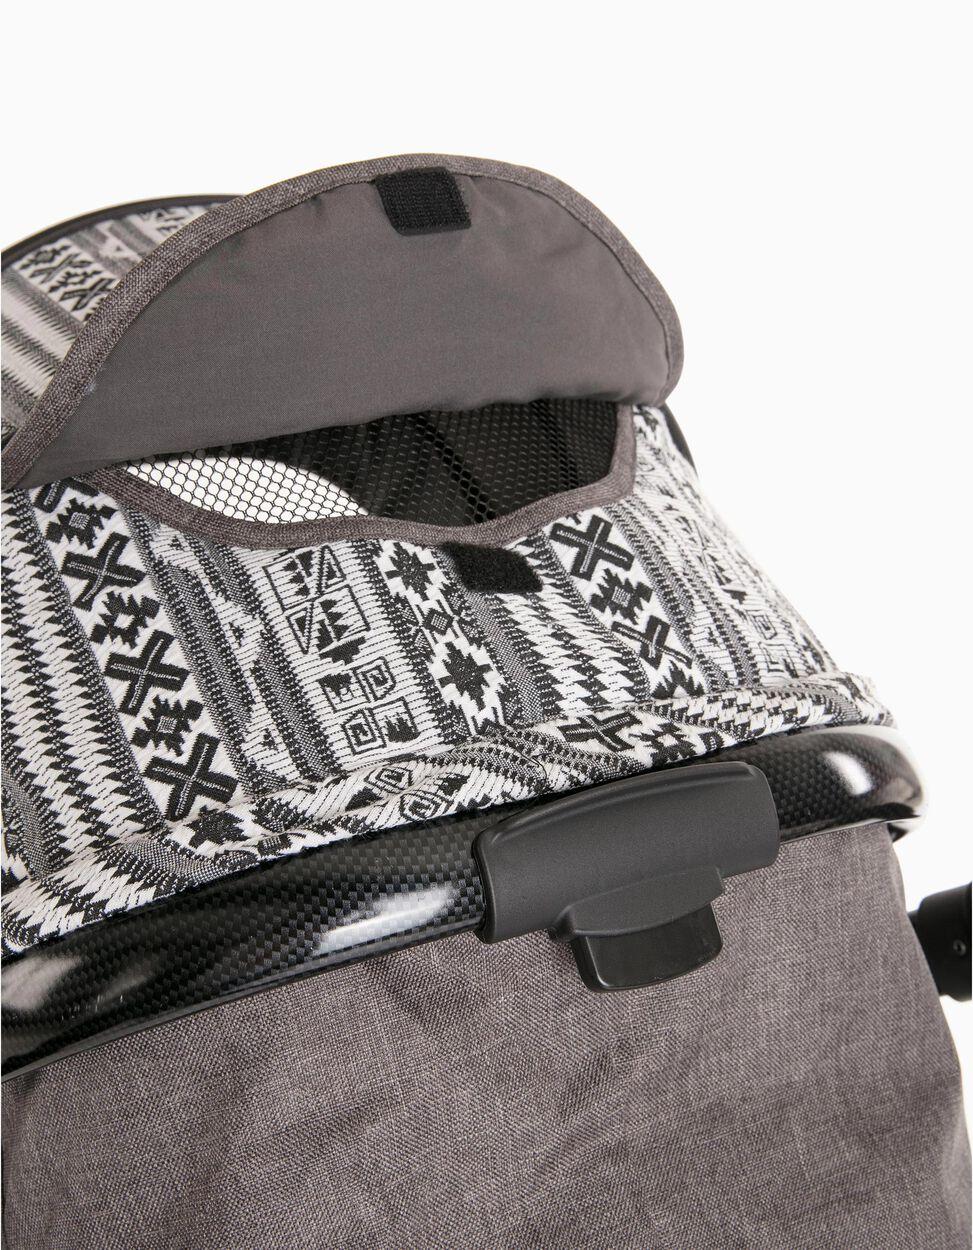 Conjunto De Rua Duo Tribe 3 Zy Safe Black/Grey